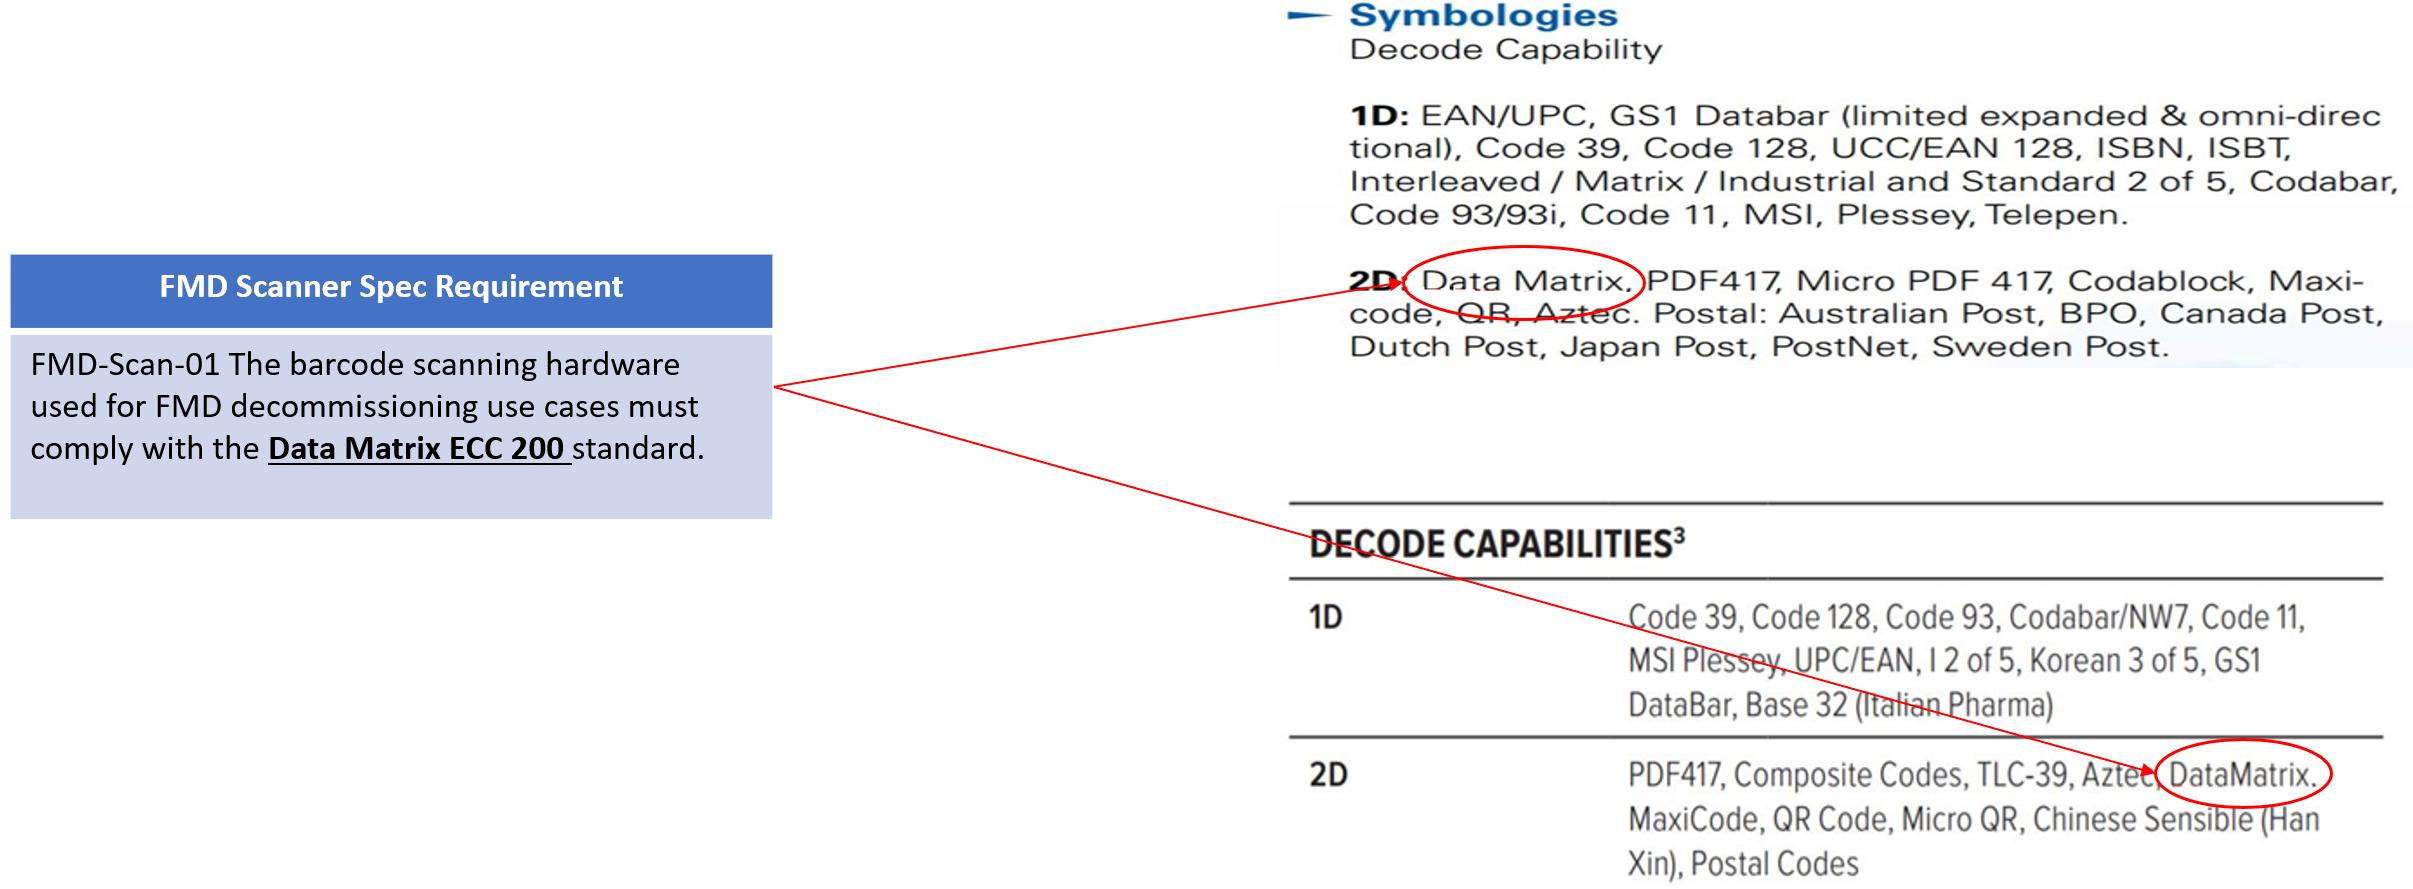 Decoding capabilities